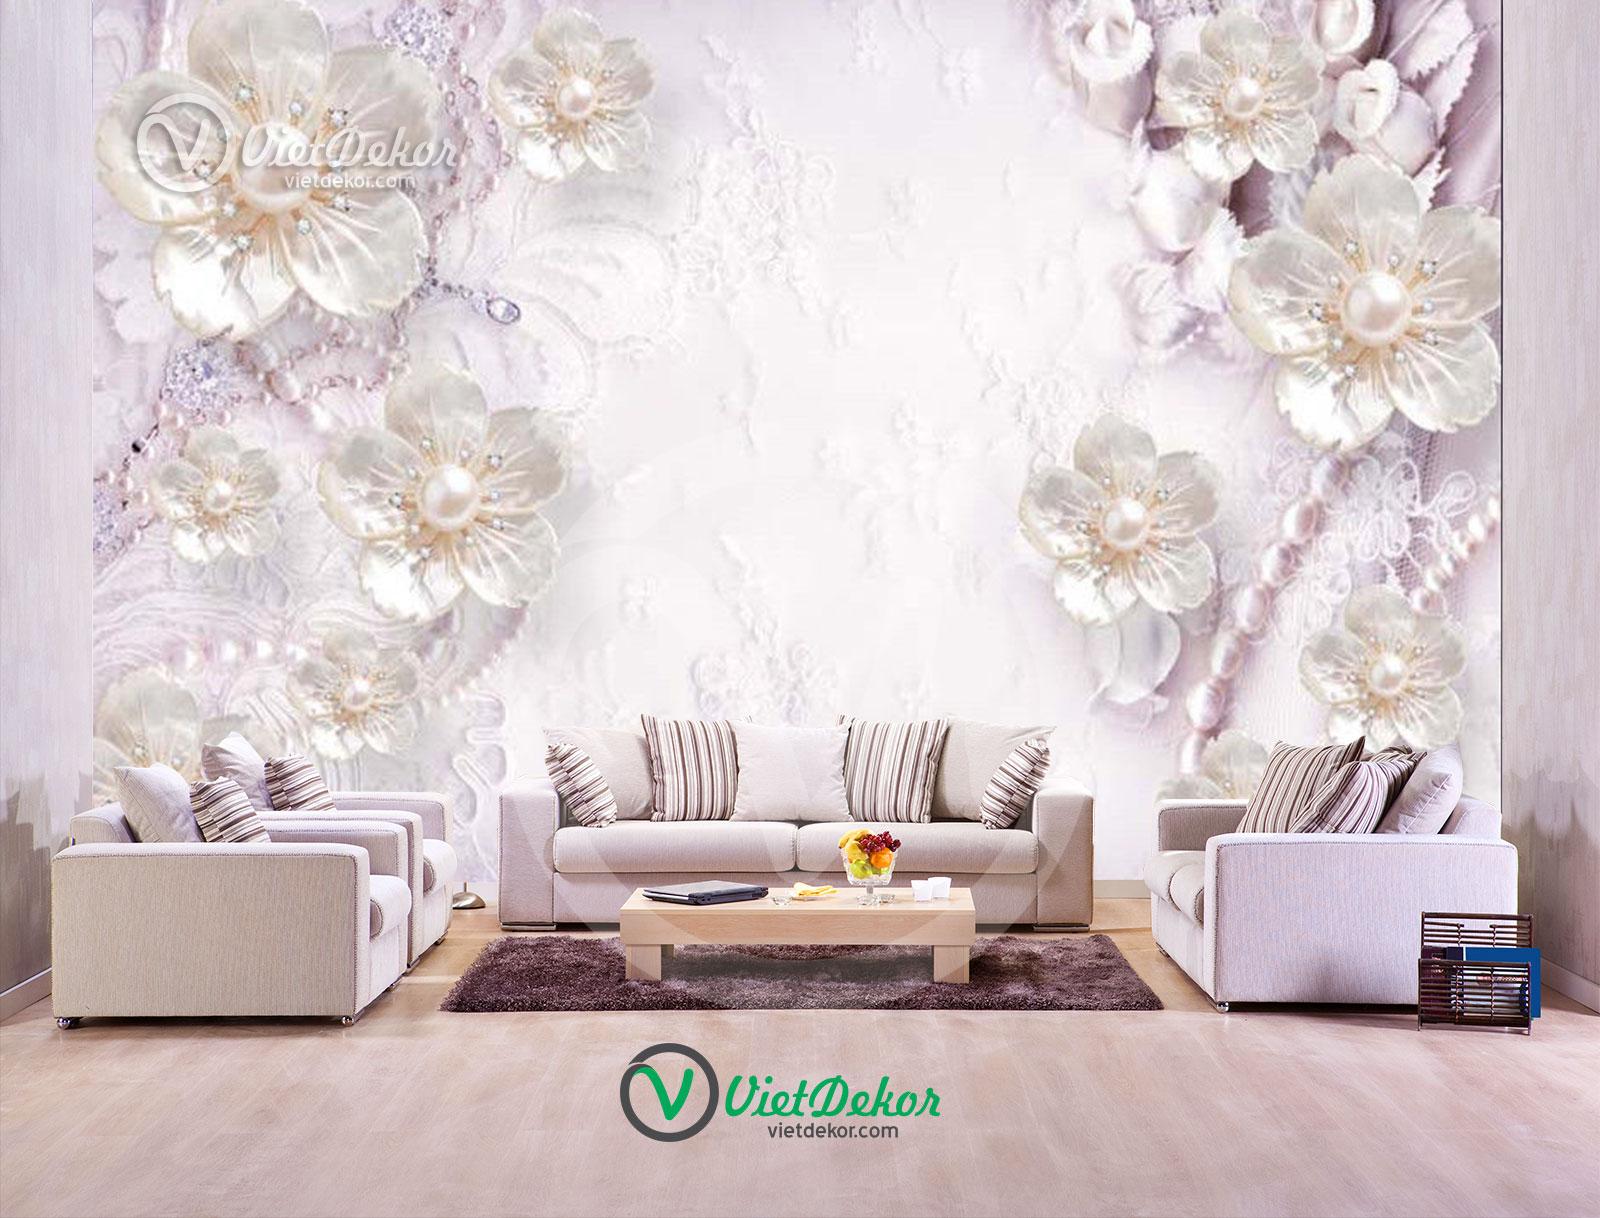 Tranh dán tường 3d hoa trang sức ngọc trai